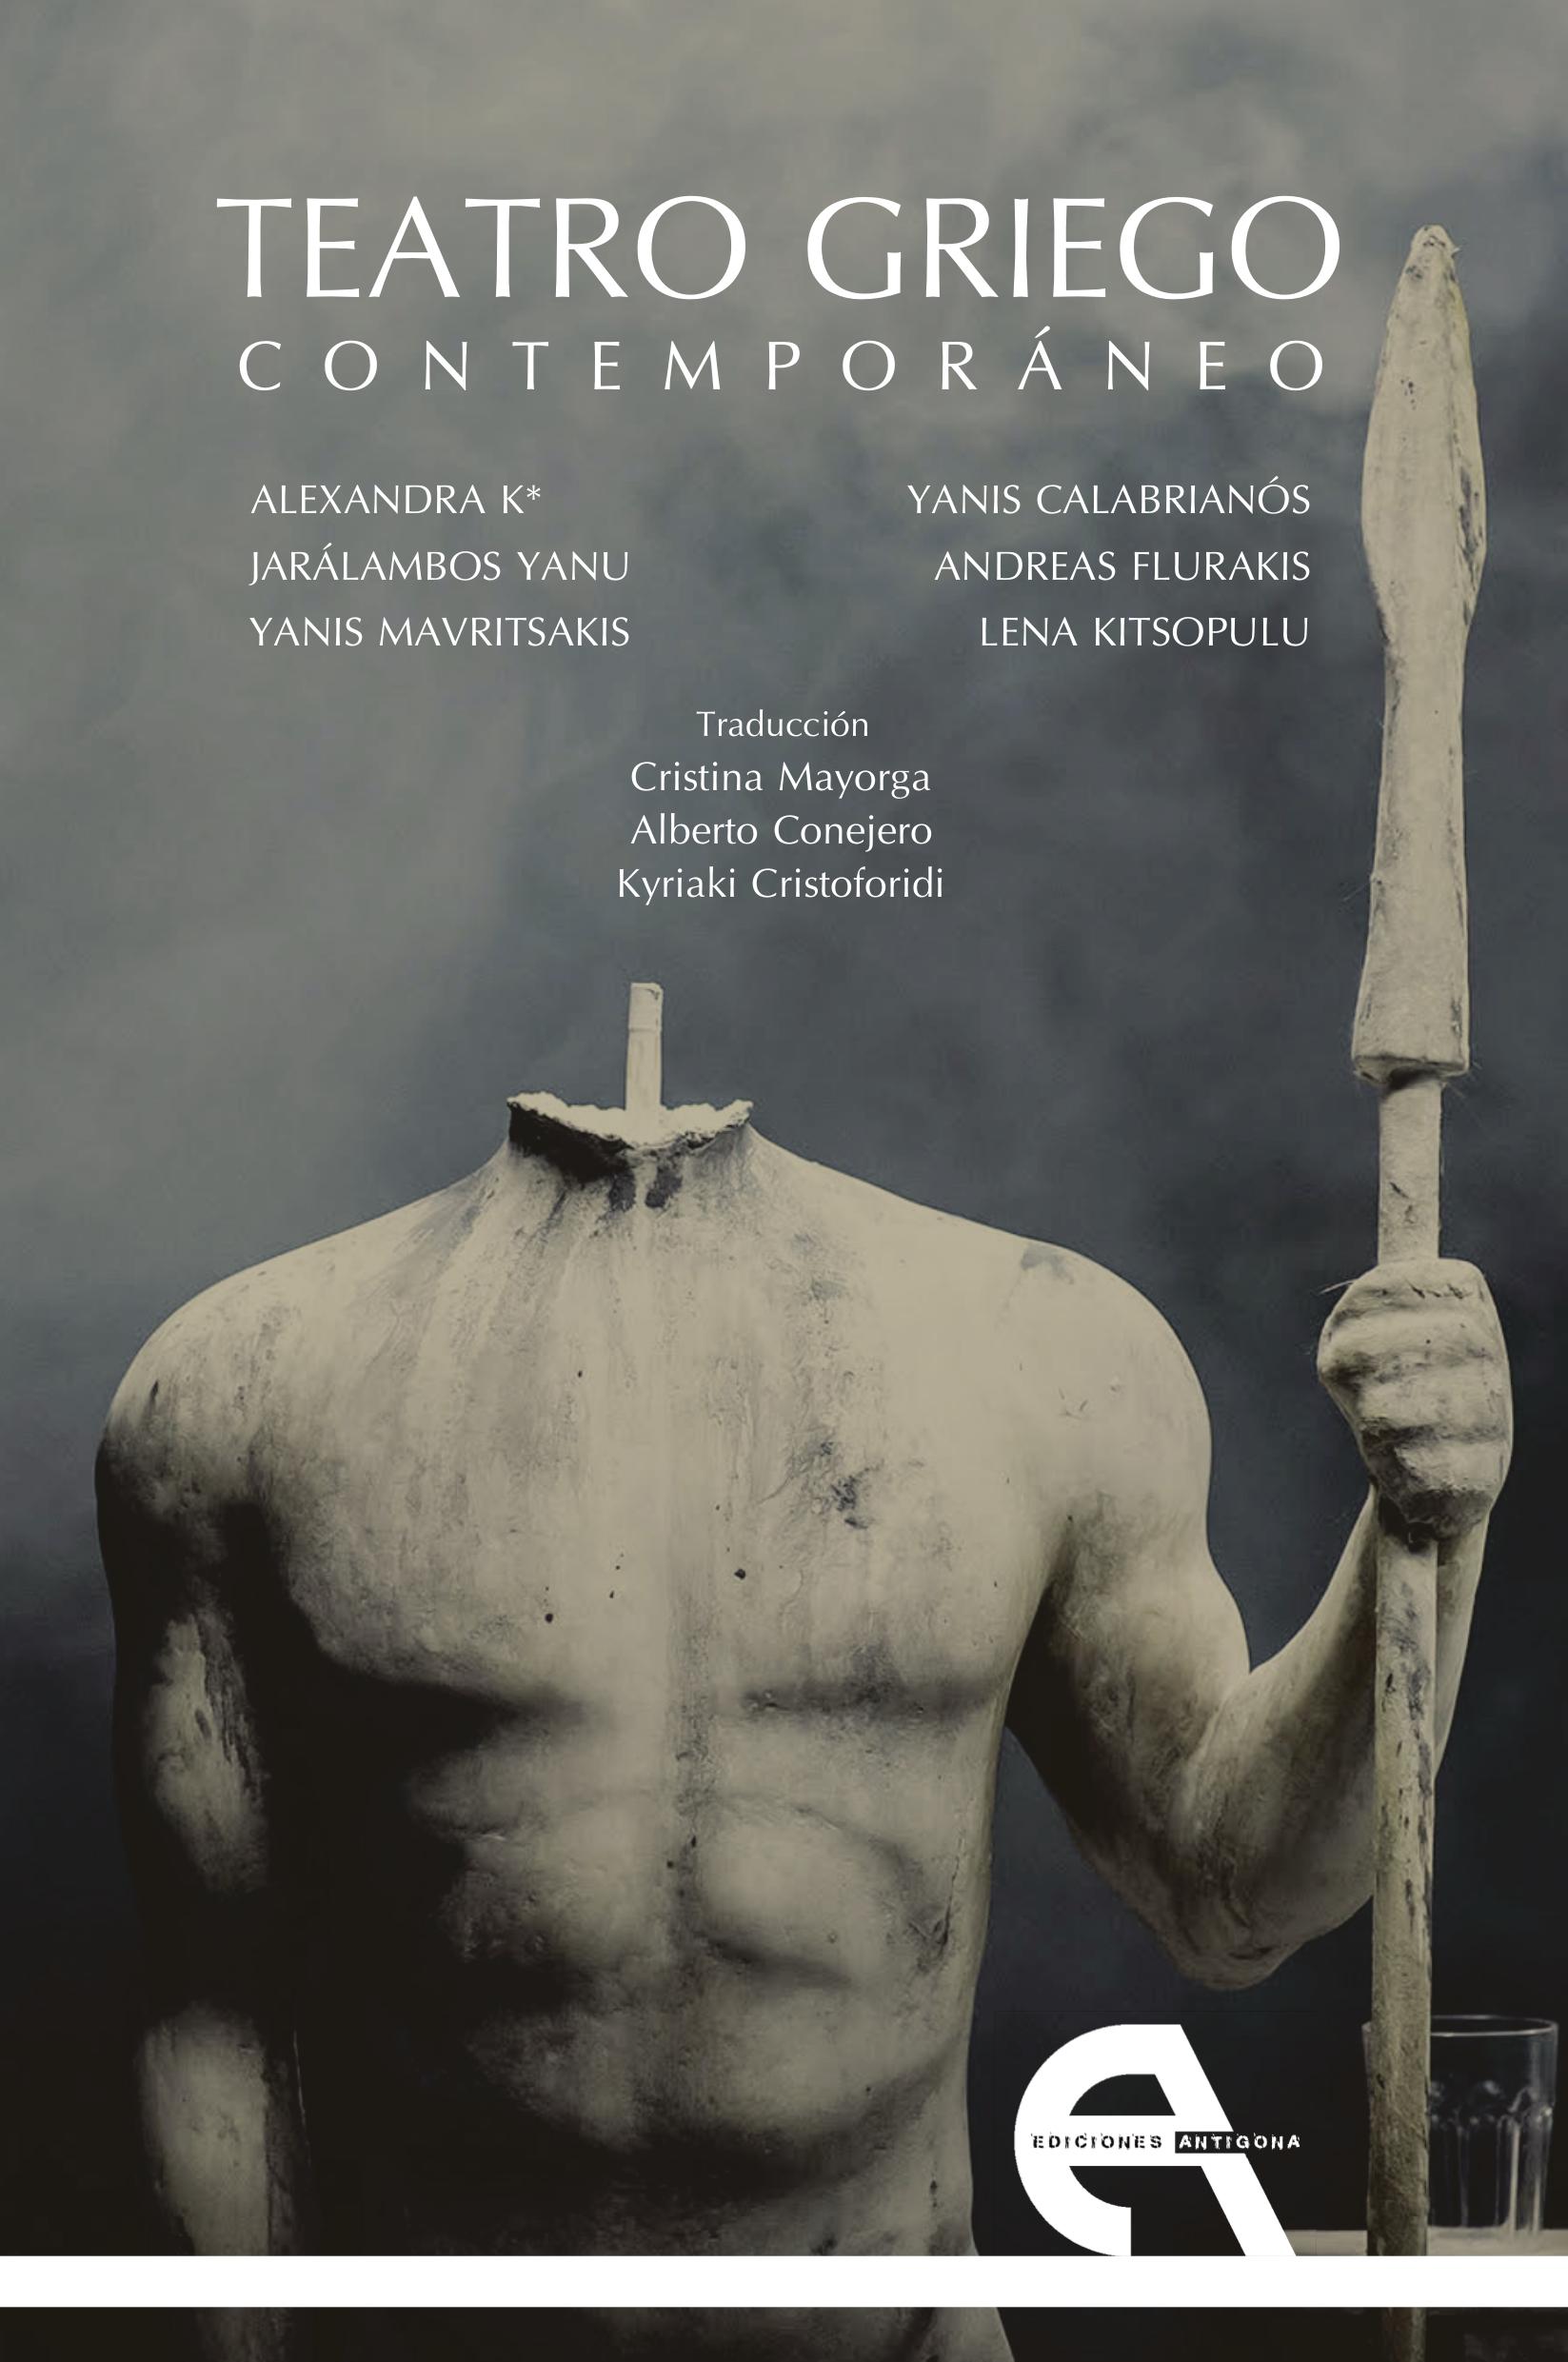 """Το Solo Teatro ταξιδεύει με το ελληνικό θεατρικό έργο στην Κολομβία!  Απόσπασμα από το άρθρο της Στέλλας Χαραμή με τίτλο: """"Στη Λατινική Αμερική, αδερφές μου, στη Λατινική Αμερική"""" στο F_act#4 του ιστότοπου Monopoli.gr (7/1/2020)"""